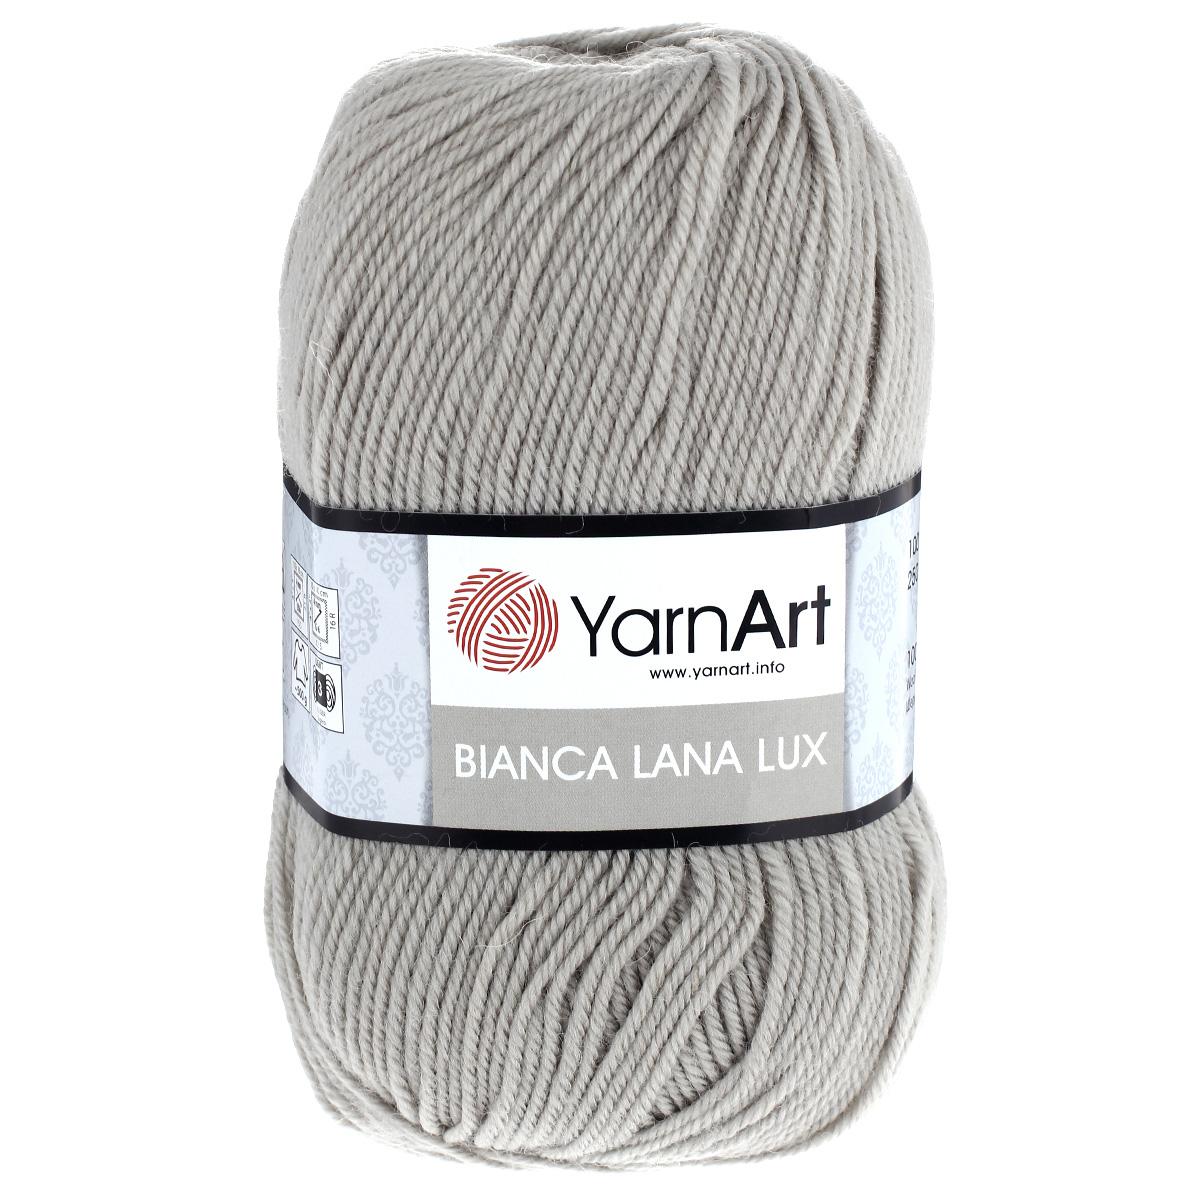 Пряжа для вязания YarnArt Bianca LanaLux, цвет: серо-бежевый (760), 250 м, 100 г, 5 шт372093_760Пряжа YarnArt Bianca LanaLux - это классическая чистошерстяная пряжа для вязания. Нить очень мягкая, приятная на ощупь, слегка шелковистая, упругая и не колется. Изделия из нее получаются теплыми и нежными, не теряют форму. Пряжа подходит для вязания платьев, кардиганов, жилетов и джемперов. Рекомендованные спицы и крючок для вязания 4 мм. Состав: 100% шерсть.